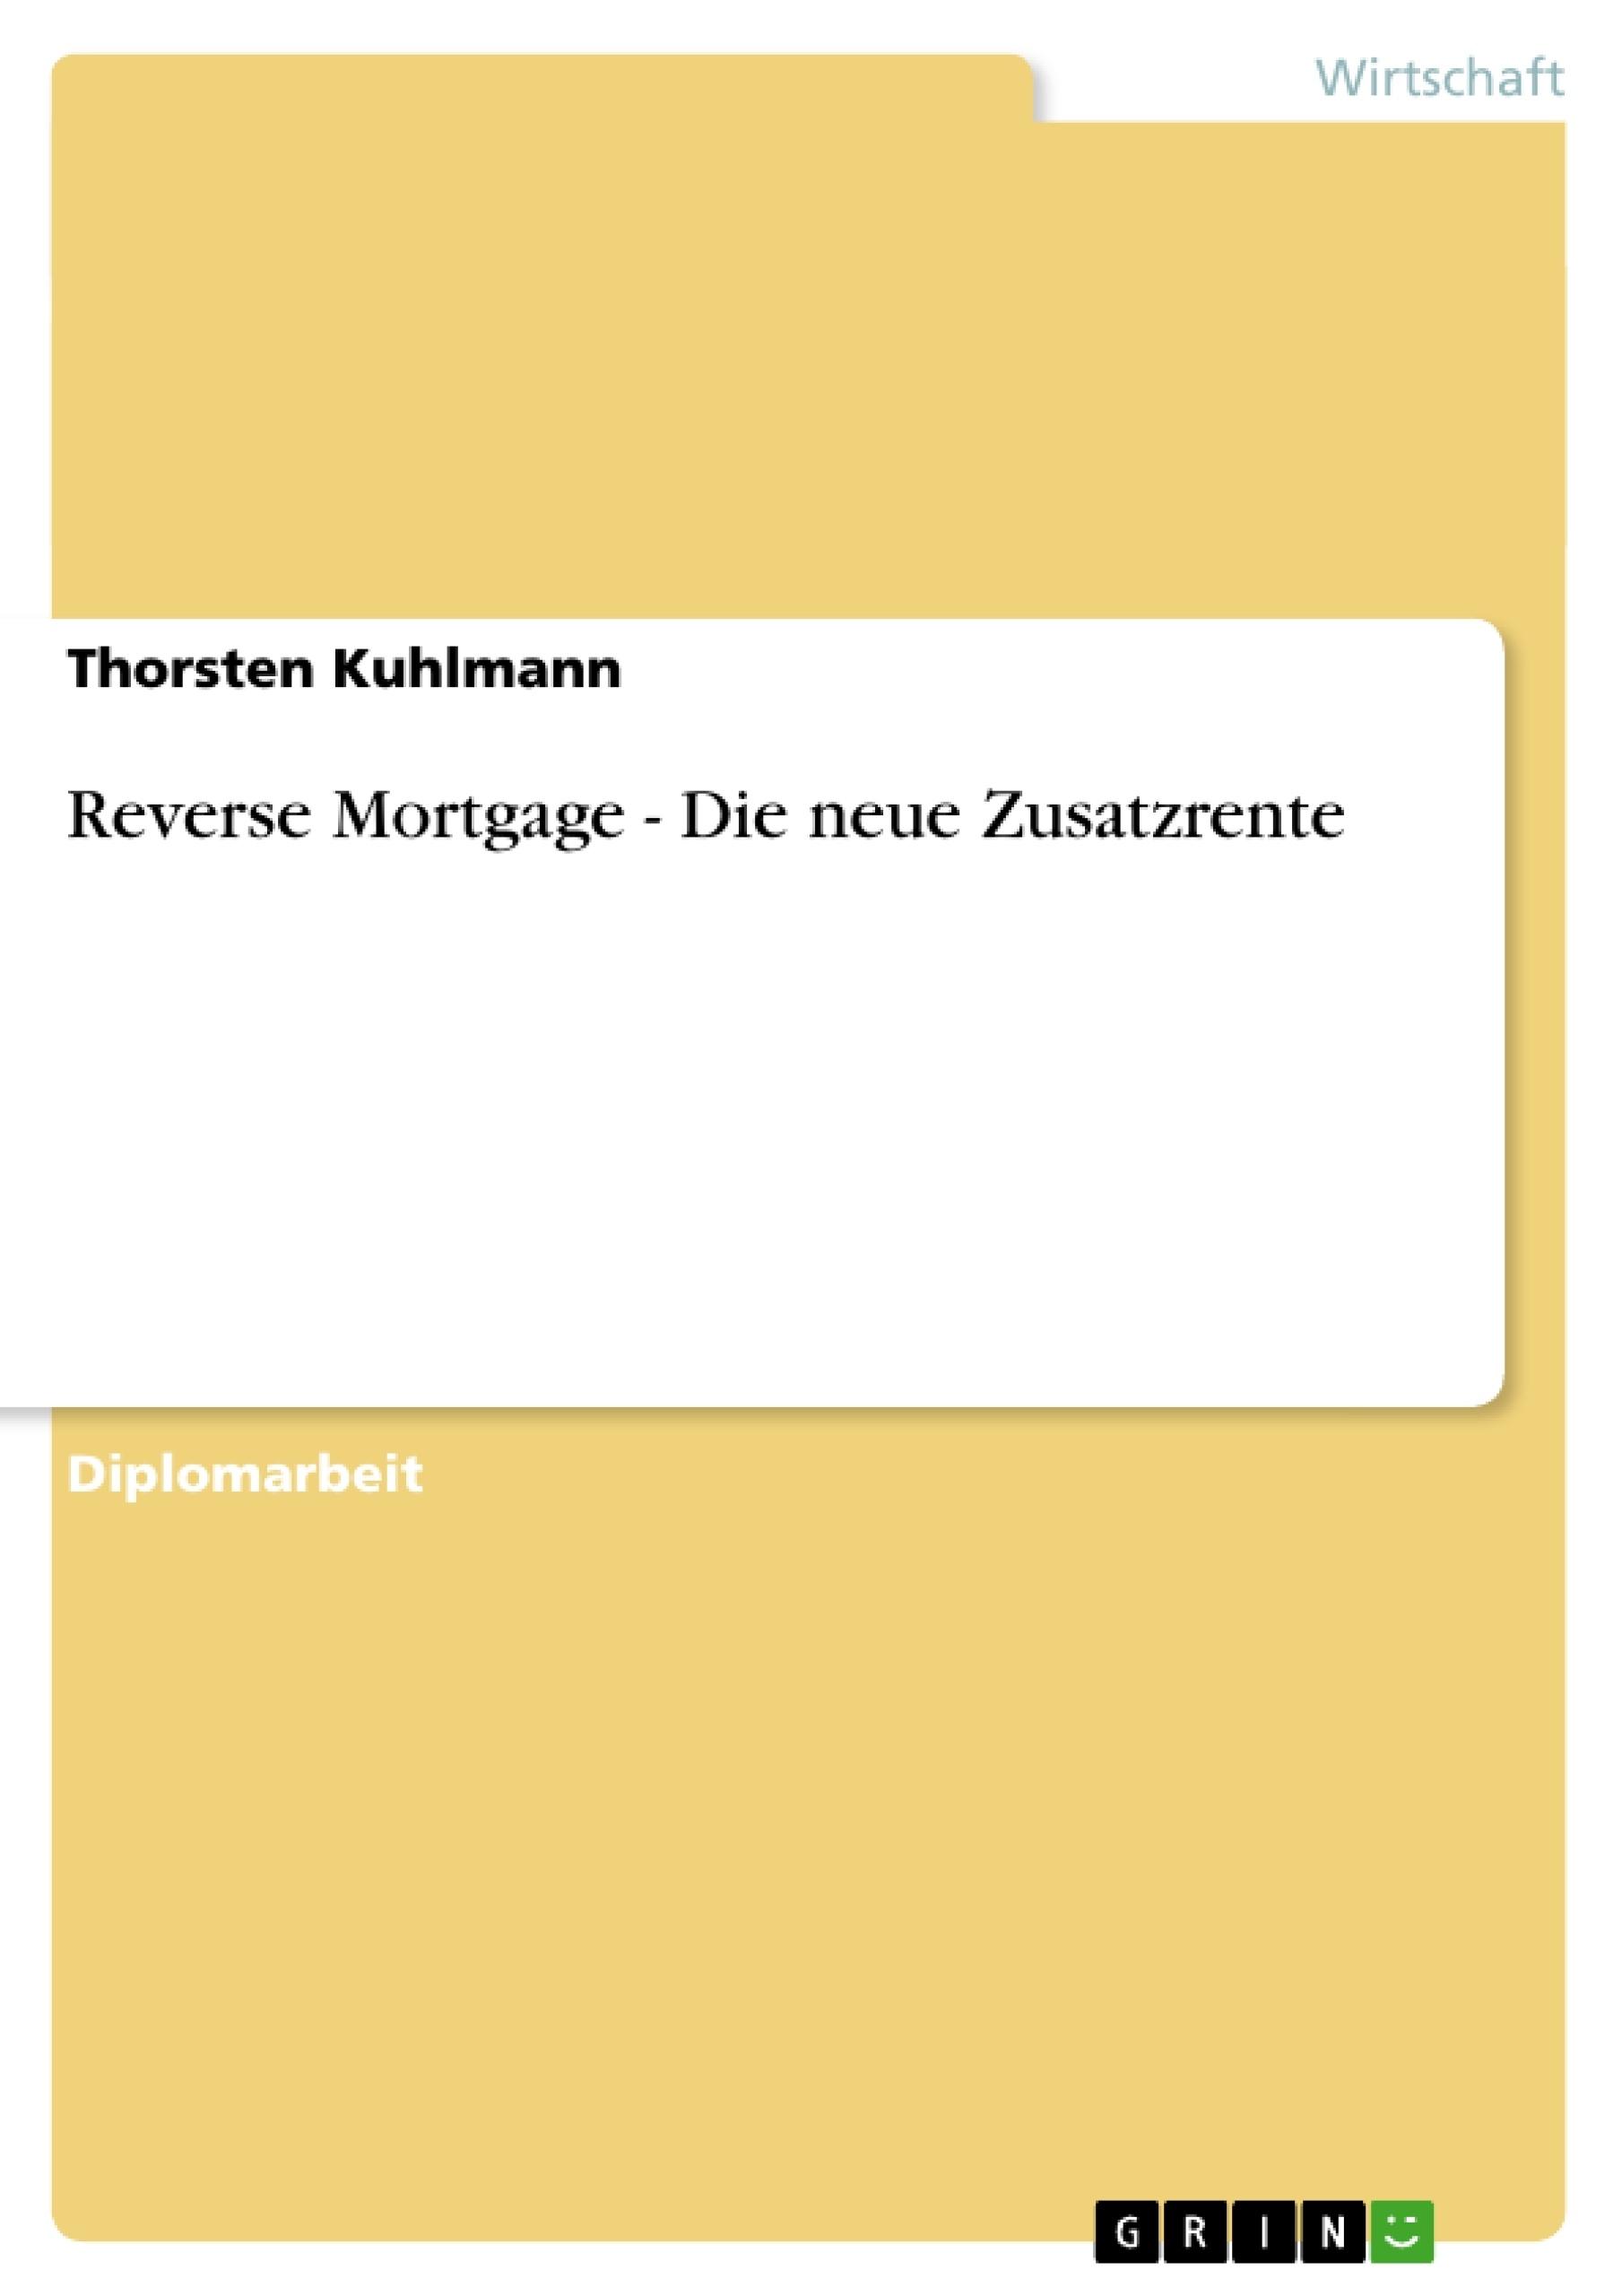 Titel: Reverse Mortgage - Die neue Zusatzrente